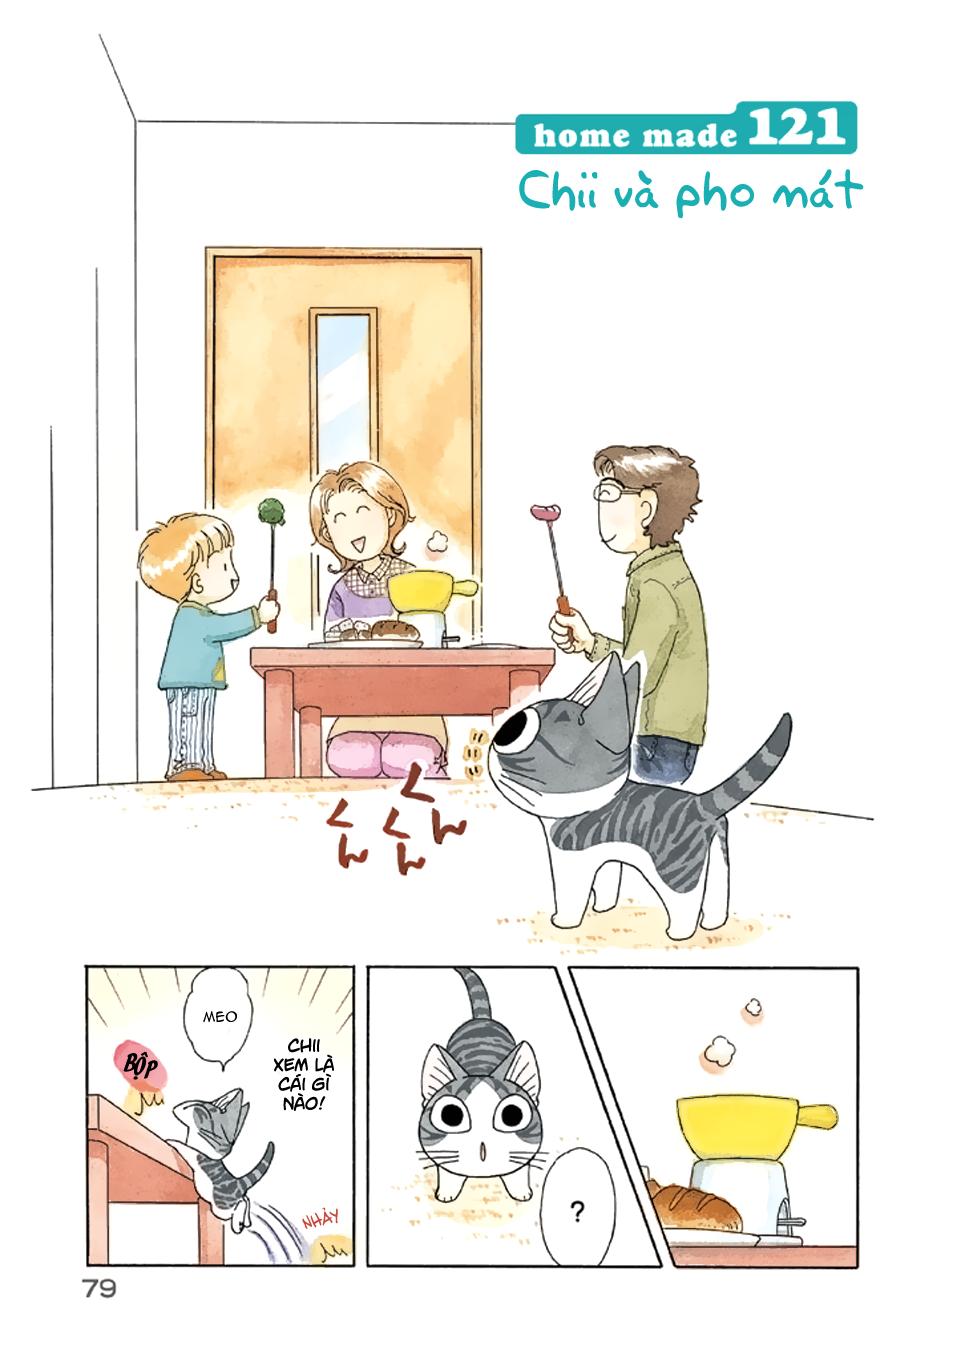 TruyenHay.Com - Ảnh 1 - Chii's Sweet Home Homemake 121